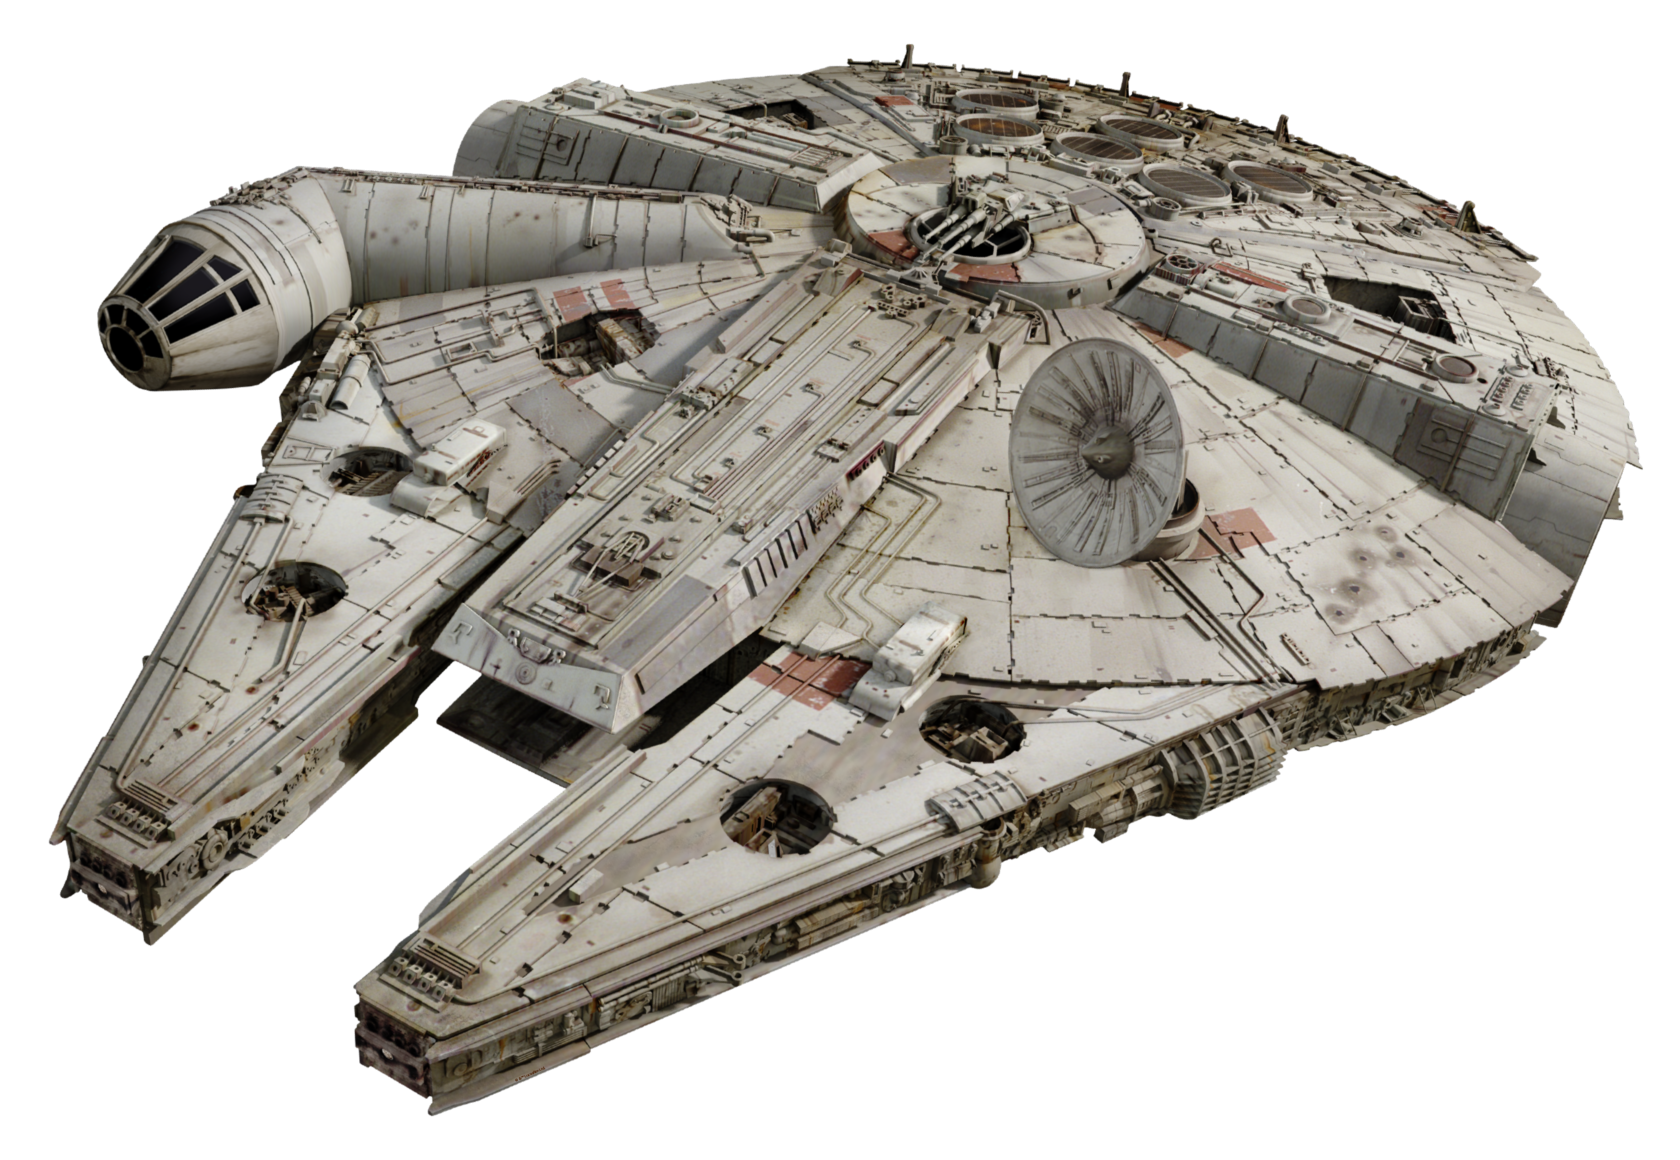 Star wars millennium falcon clipart clipart transparent library latest (1680×1160) | millennium falcon | Pinterest clipart transparent library